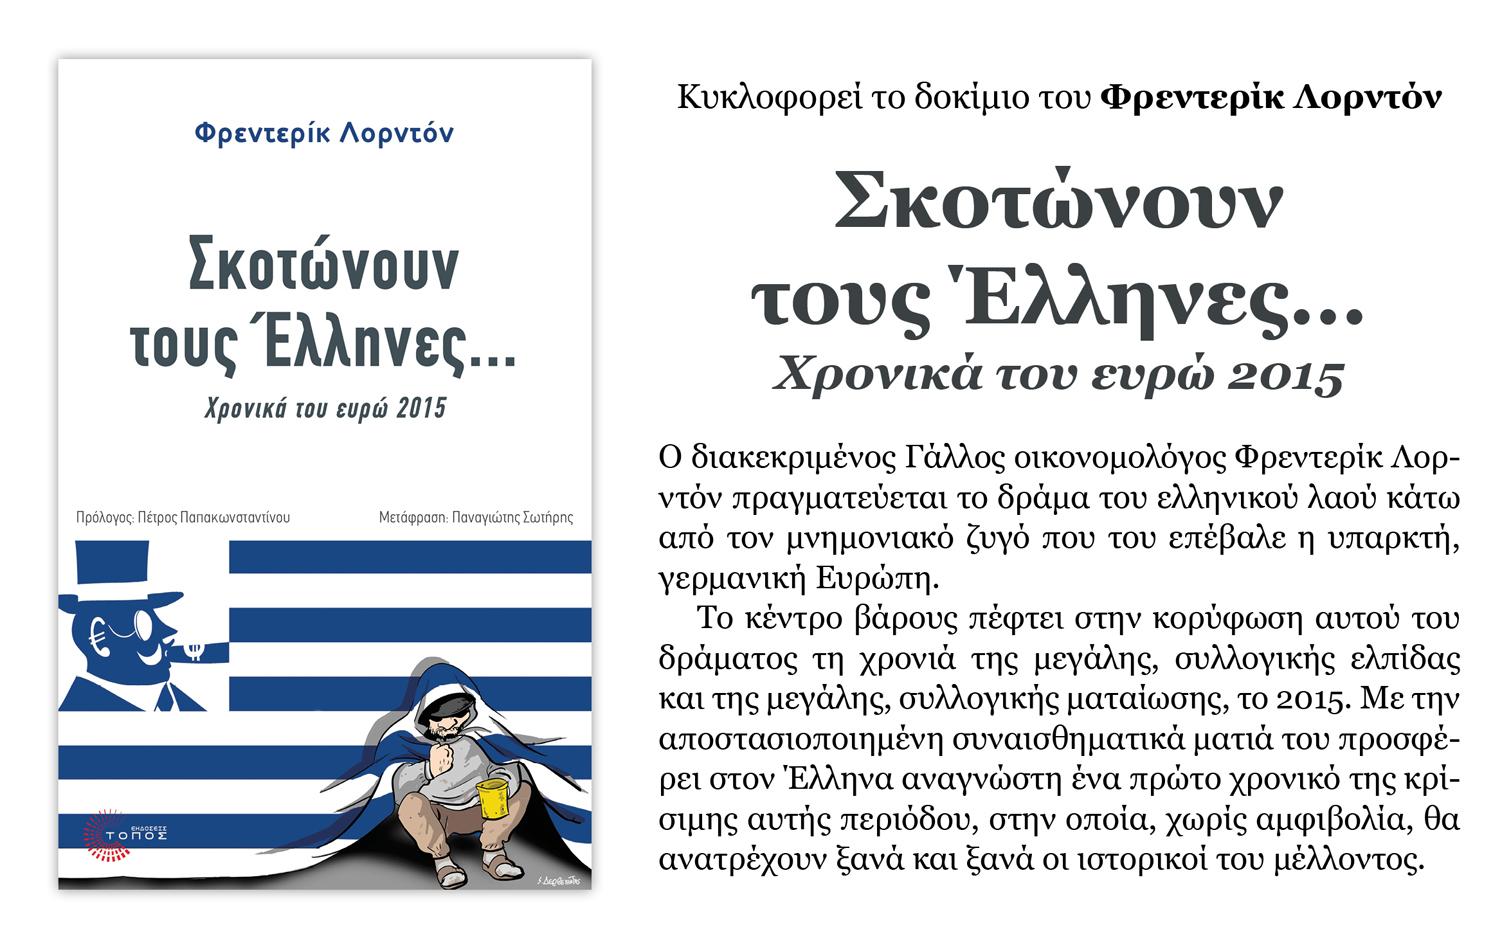 Σκοτώνουν τους Έλληνες: χρονικά του ευρώ 2015